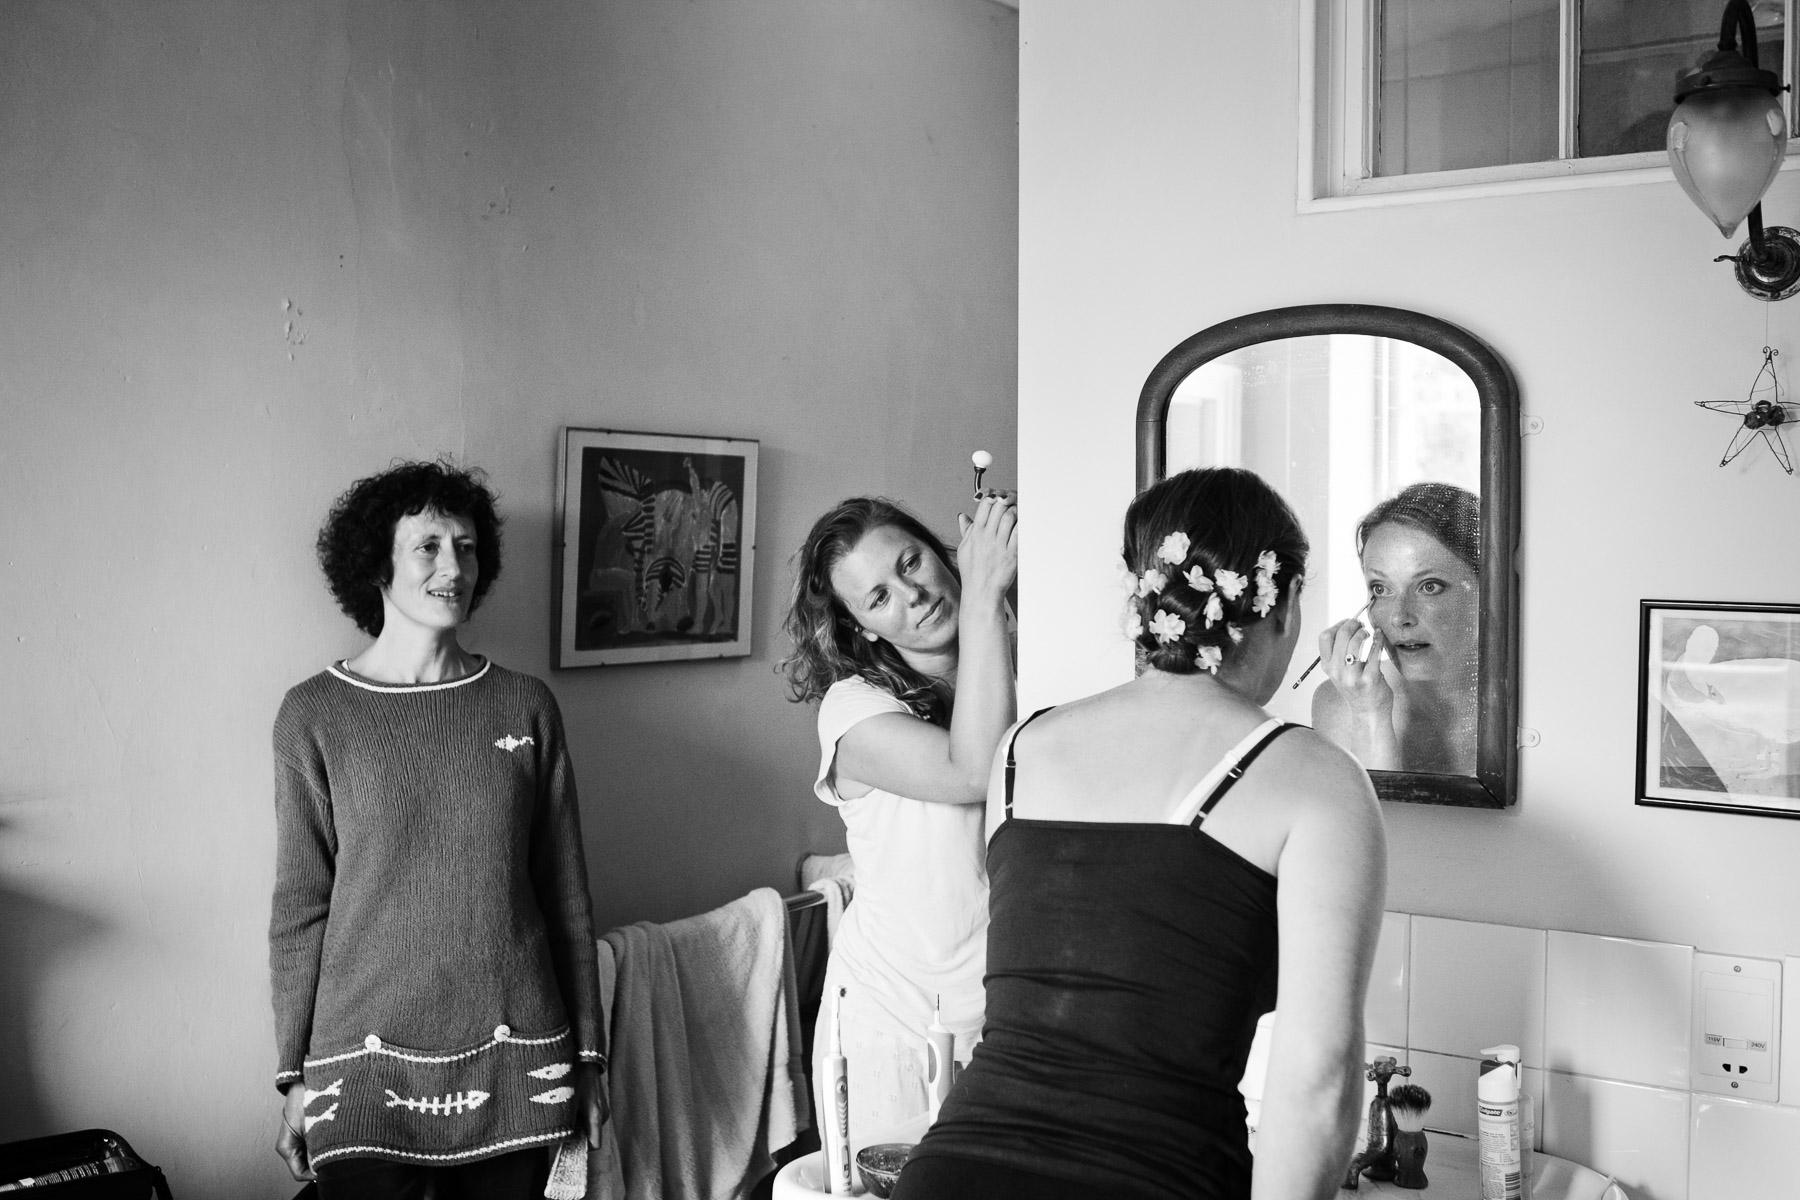 wedding portfolio 25-09-17  183.jpg